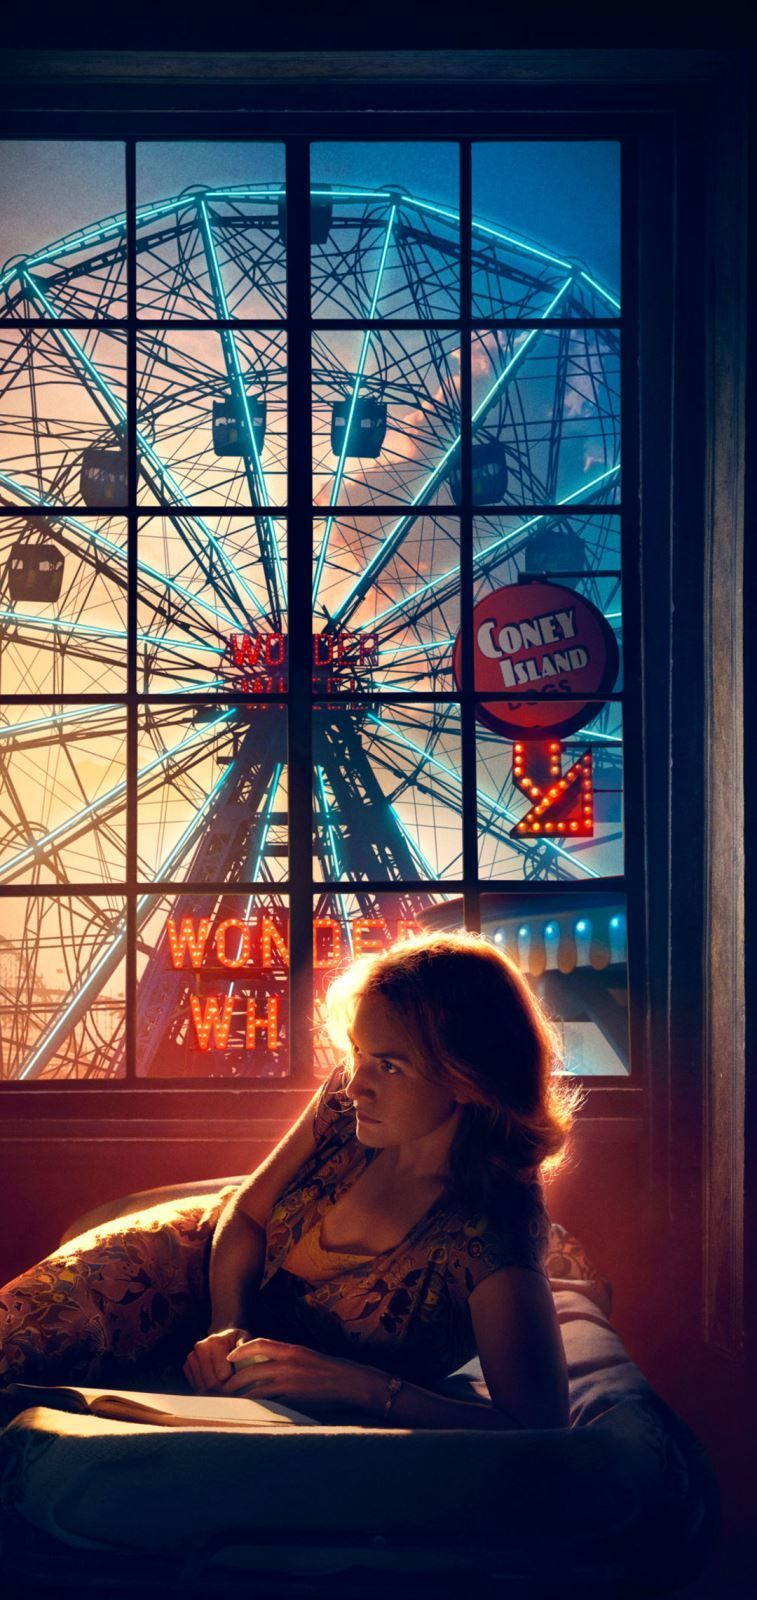 Смотреть постеры фильма колесо чудес в хорошем качестве